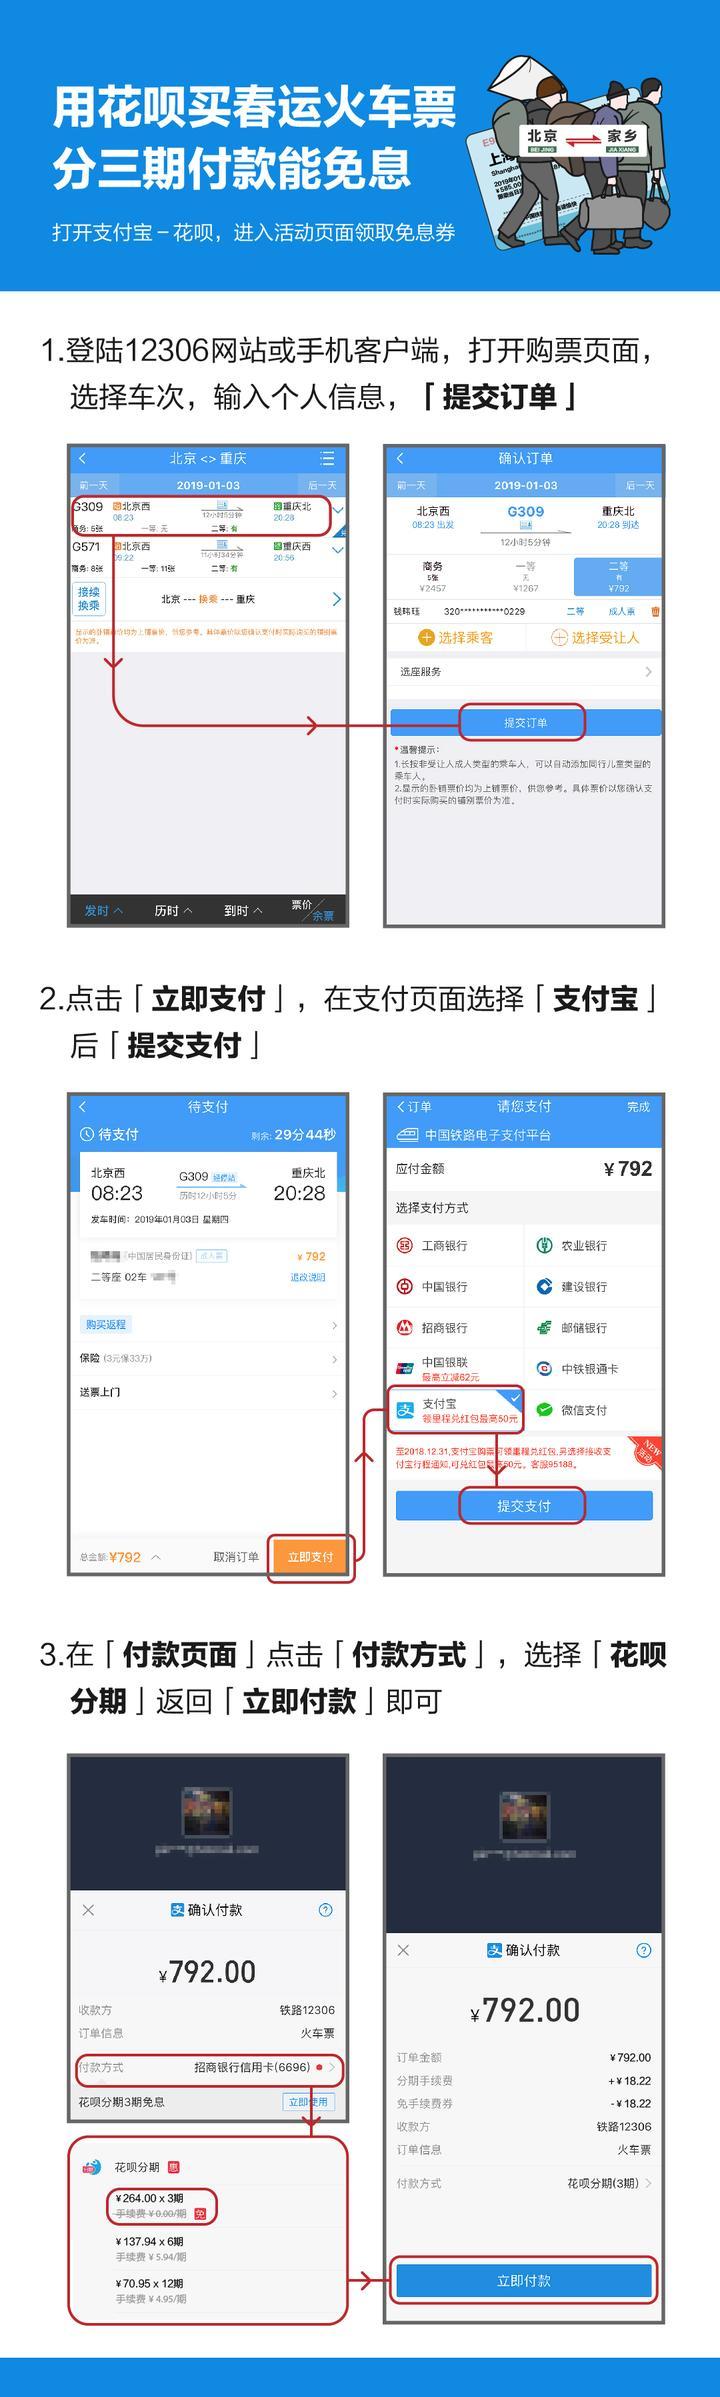 花呗火车票分期免息计划,帮助外来工减轻买票负担.jpg